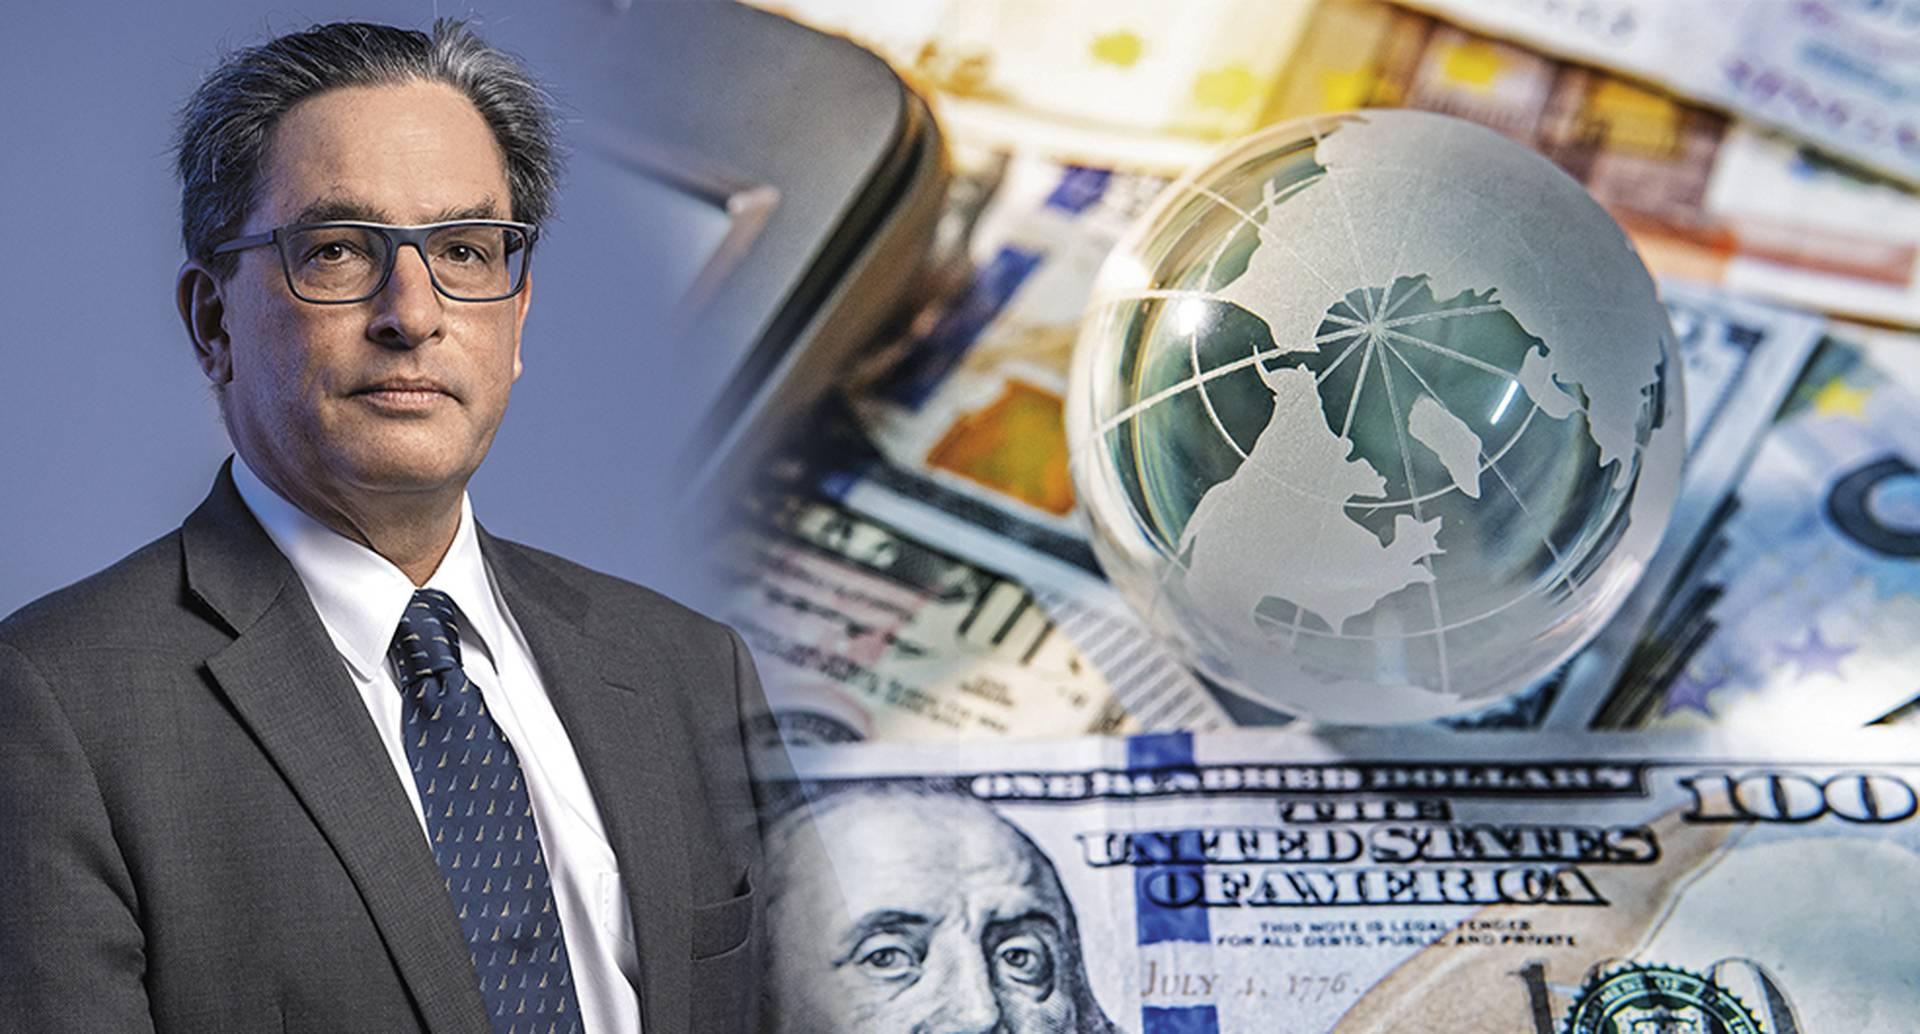 El ministro Alberto Carrasquilla ha dicho que por ahora trabajan en políticas de contingencia, como la deuda, y cuando las cifras se estabilicen debatirían las reformas.